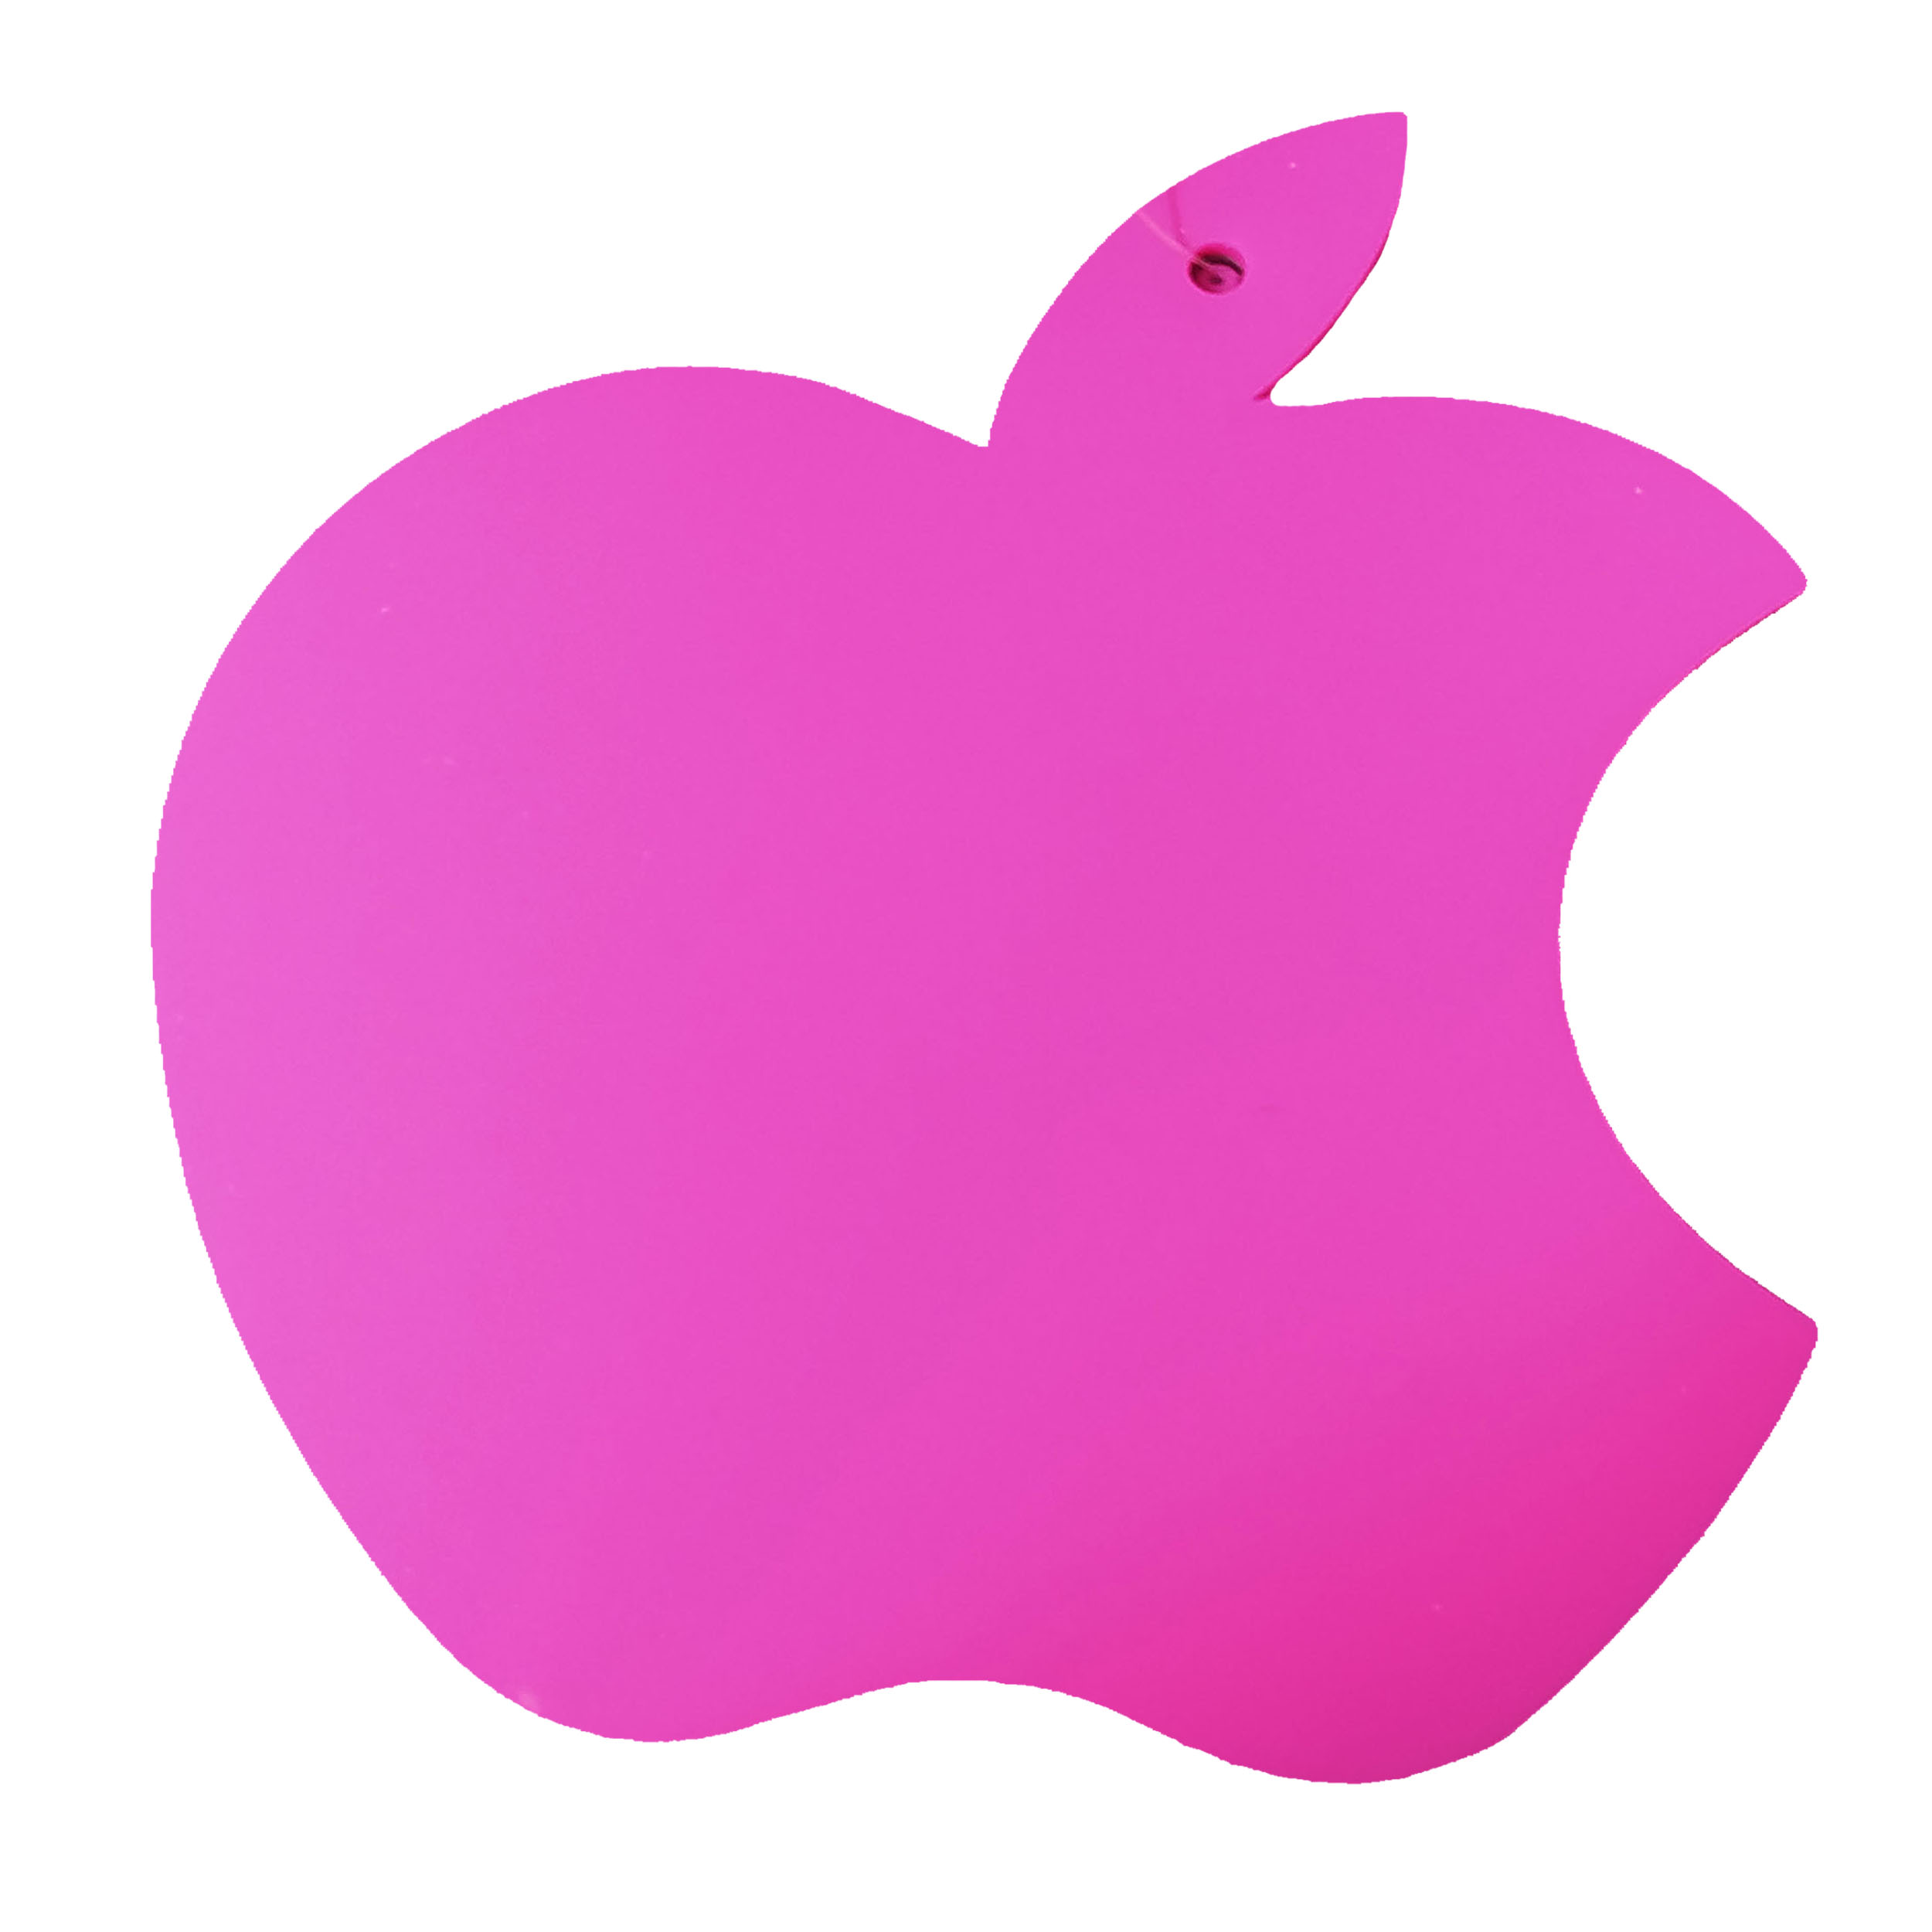 زیر قابلمه ای طرح سیب کد ap5